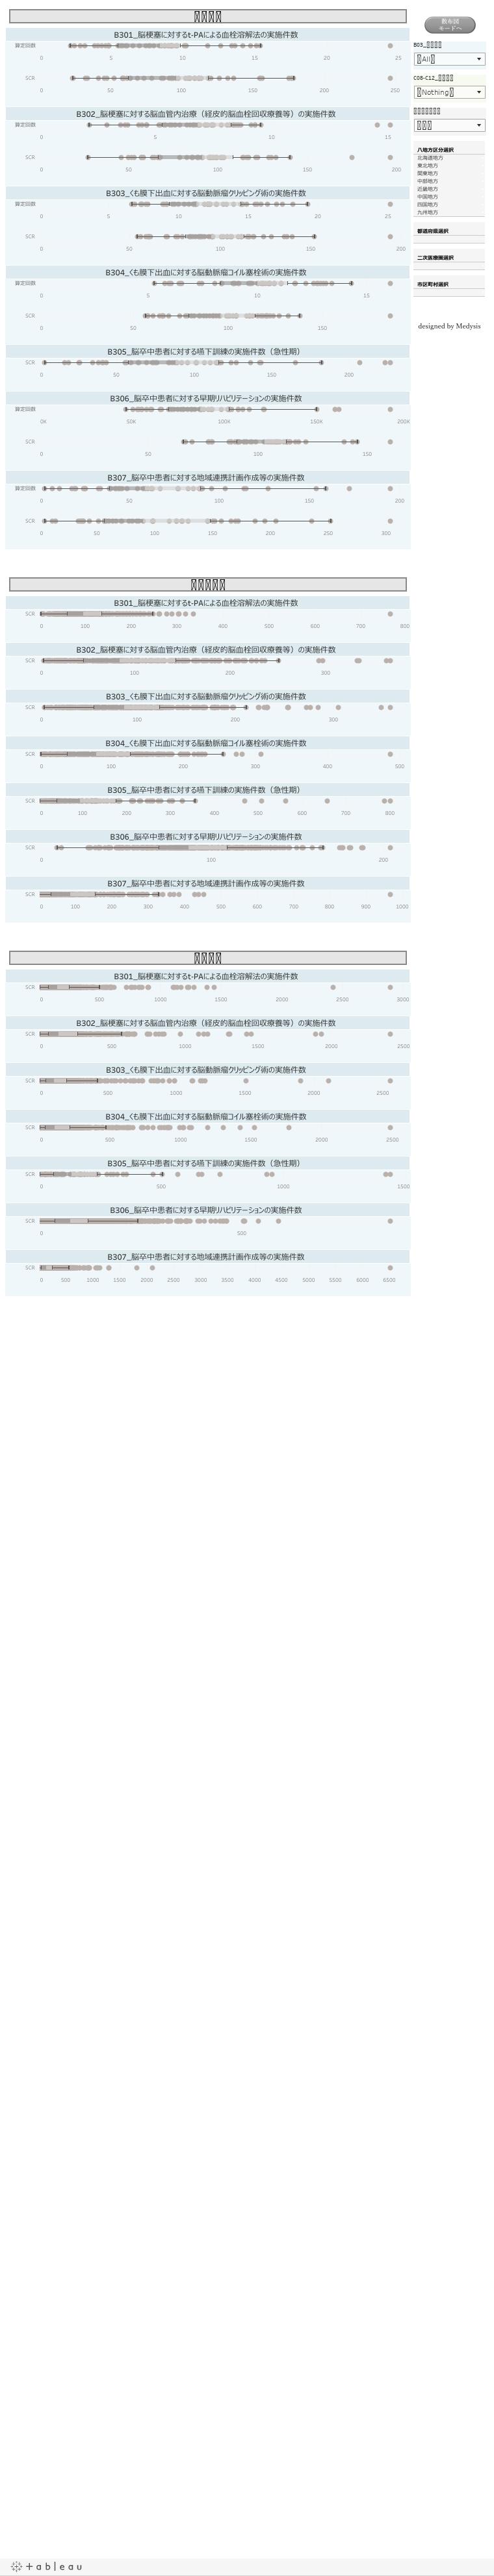 脳卒中分野の中間/初期アウトカム(急性期関連指標)